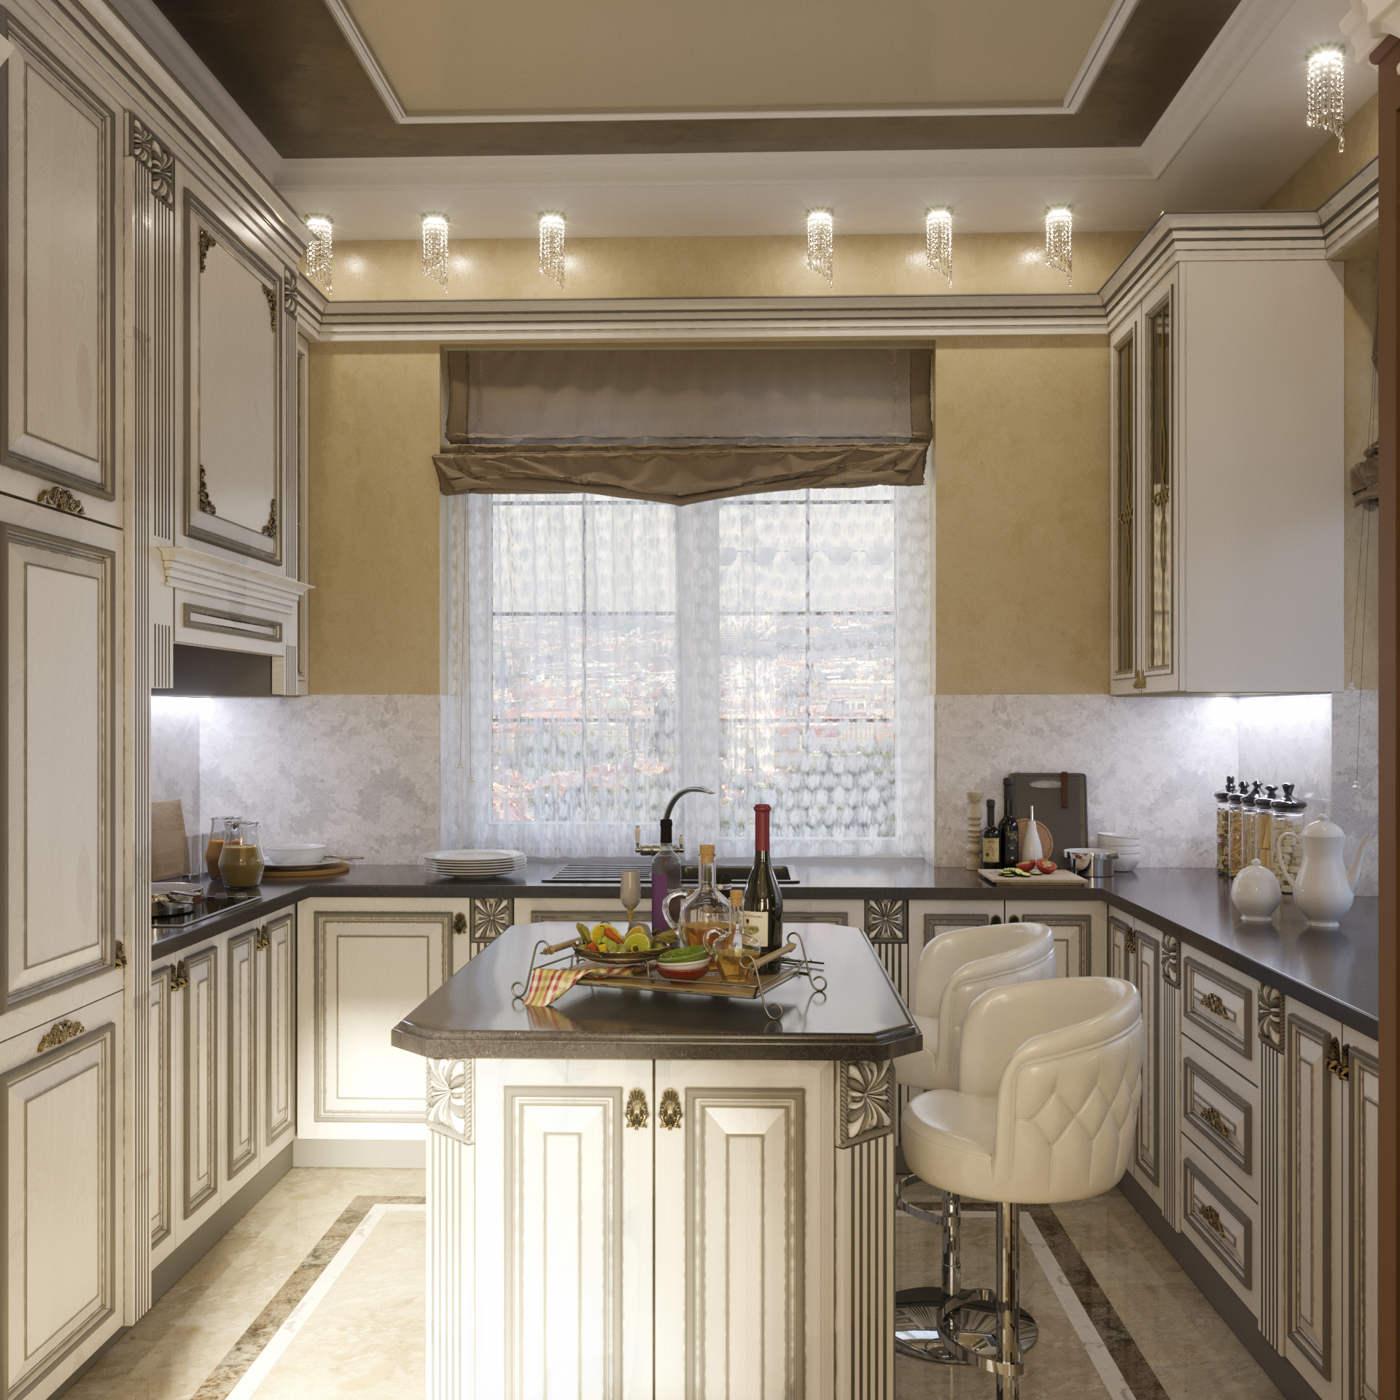 Дизайн кухни в квартире Киев классический стиль остров дерево фасады белые резные